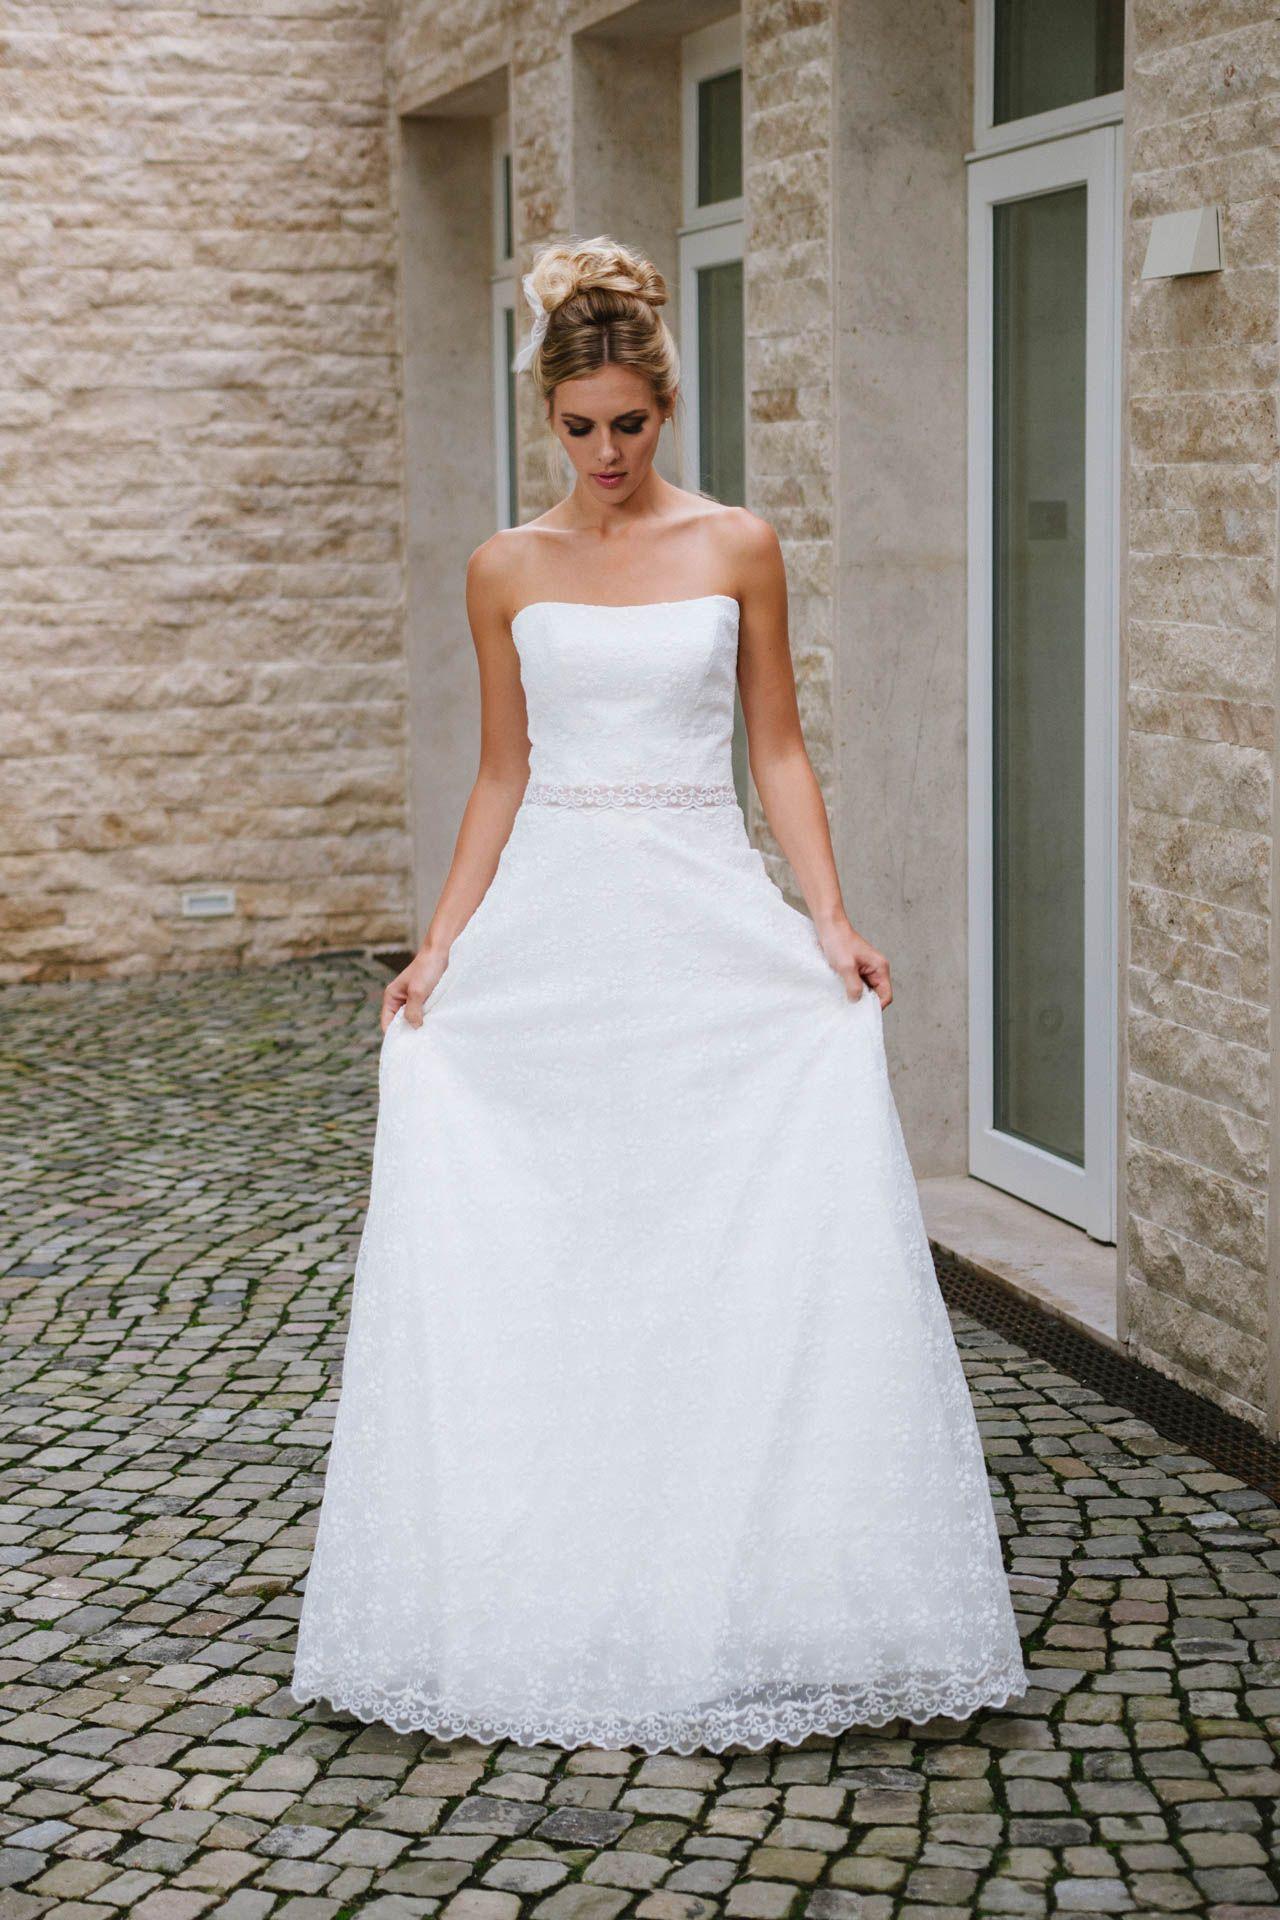 Hochzeitskleid trägerlos Spitze | Hochzeitskleid und Schuhe ...